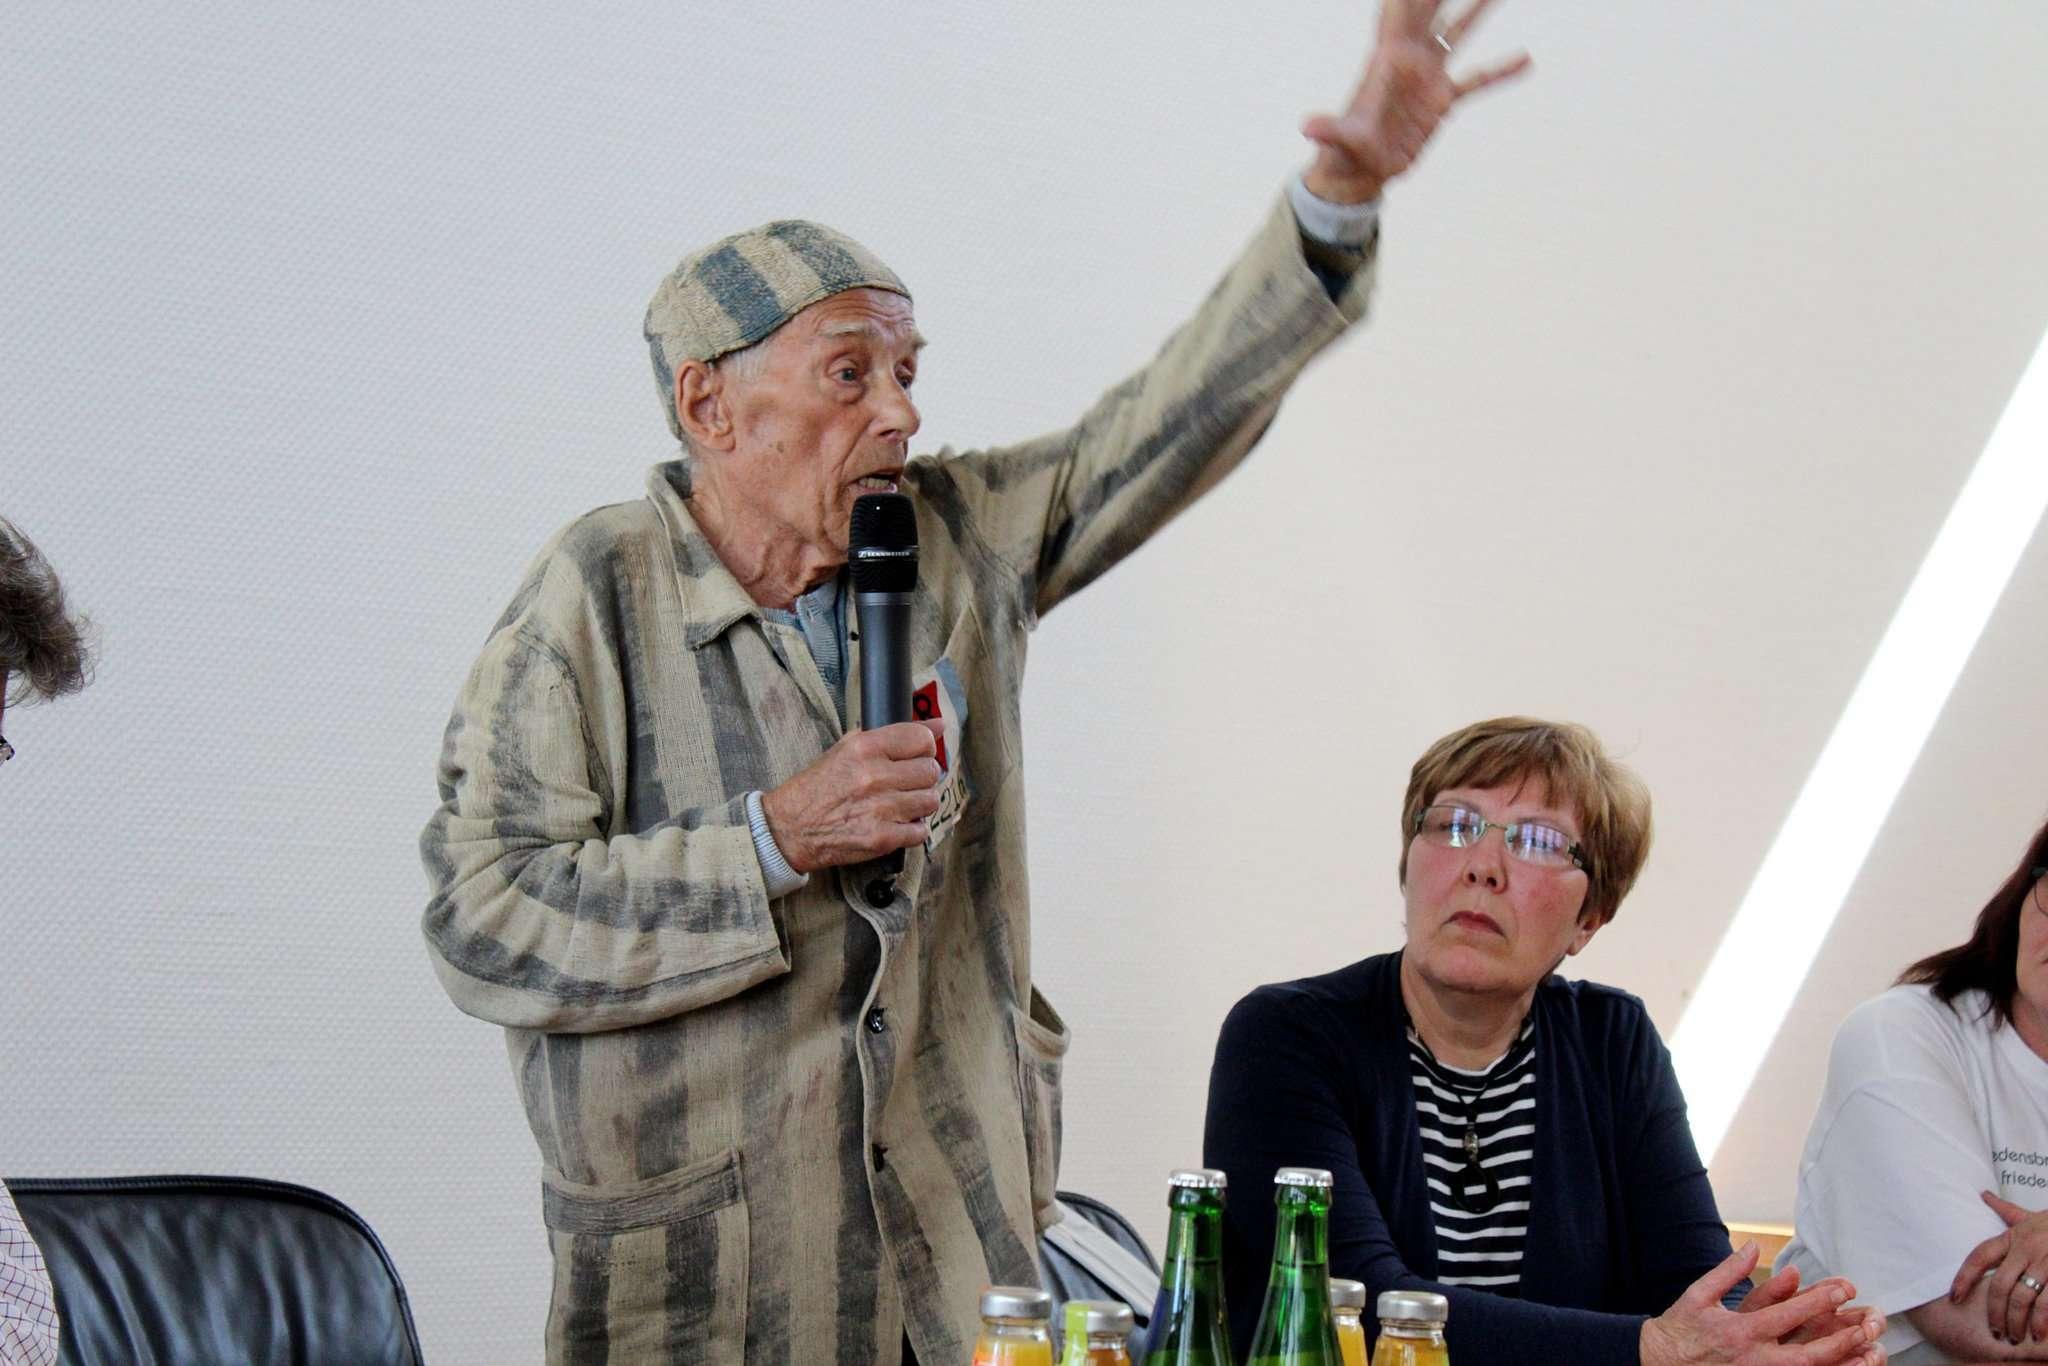 Mit vielen Gesten unterstreicht Alexander Bychok seine Erzählungen über den Krieg. Foto: Ann-Christin Beims